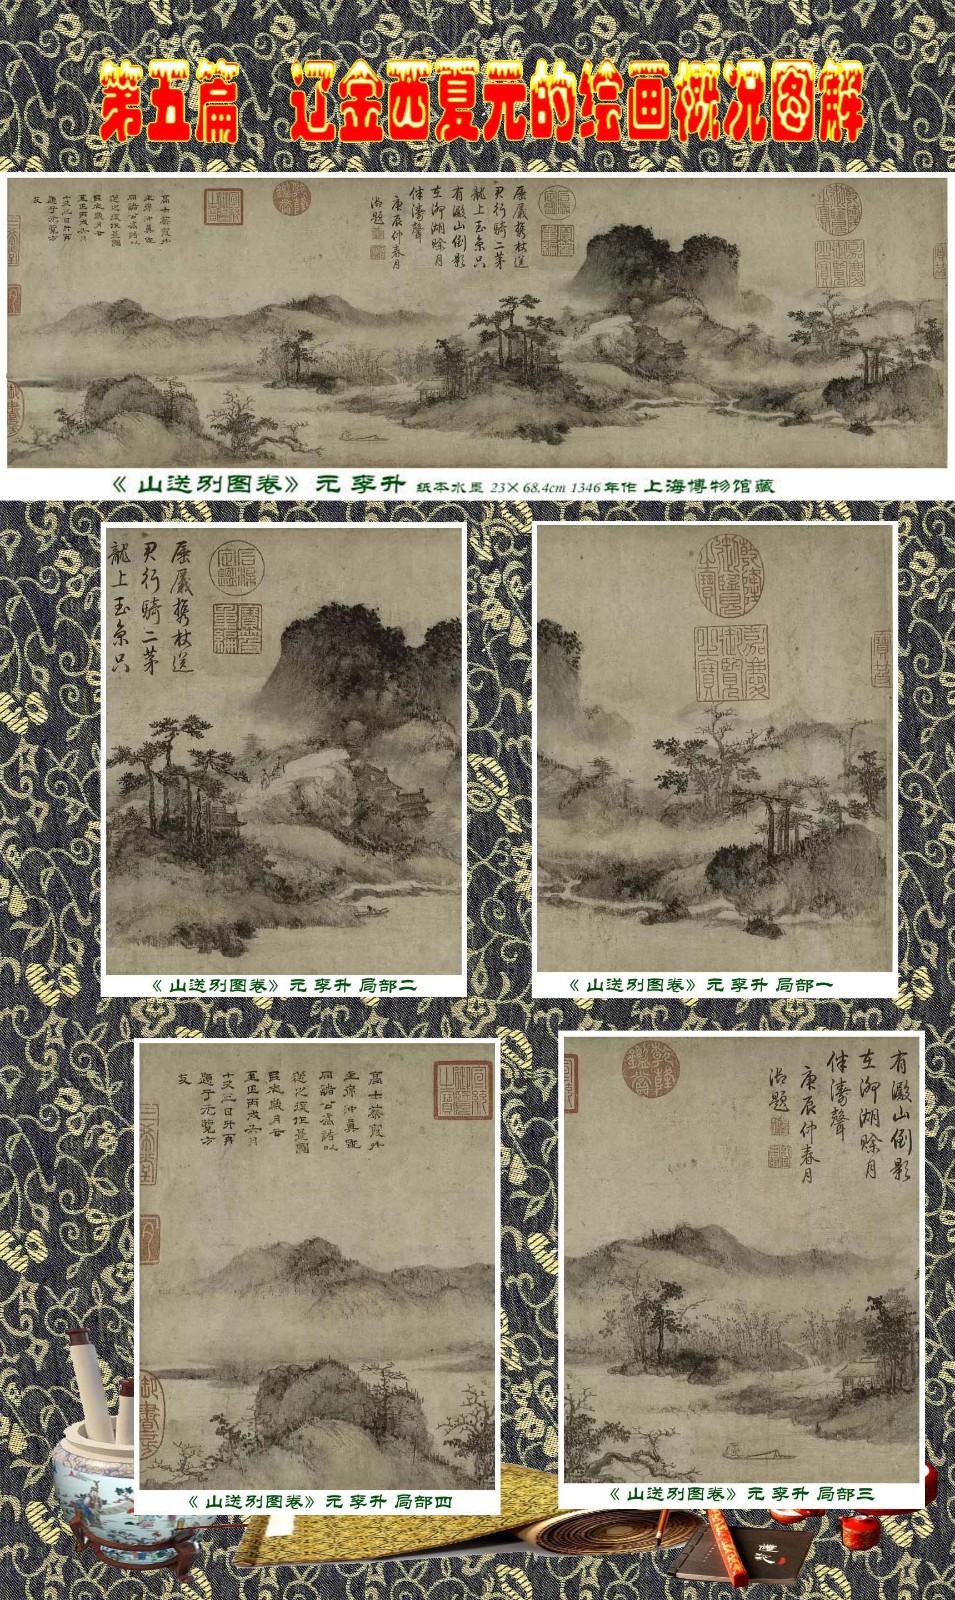 顾绍骅编辑 中国画知识普及版 第五篇 辽金西夏元的绘画概况 下 ... ..._图1-14